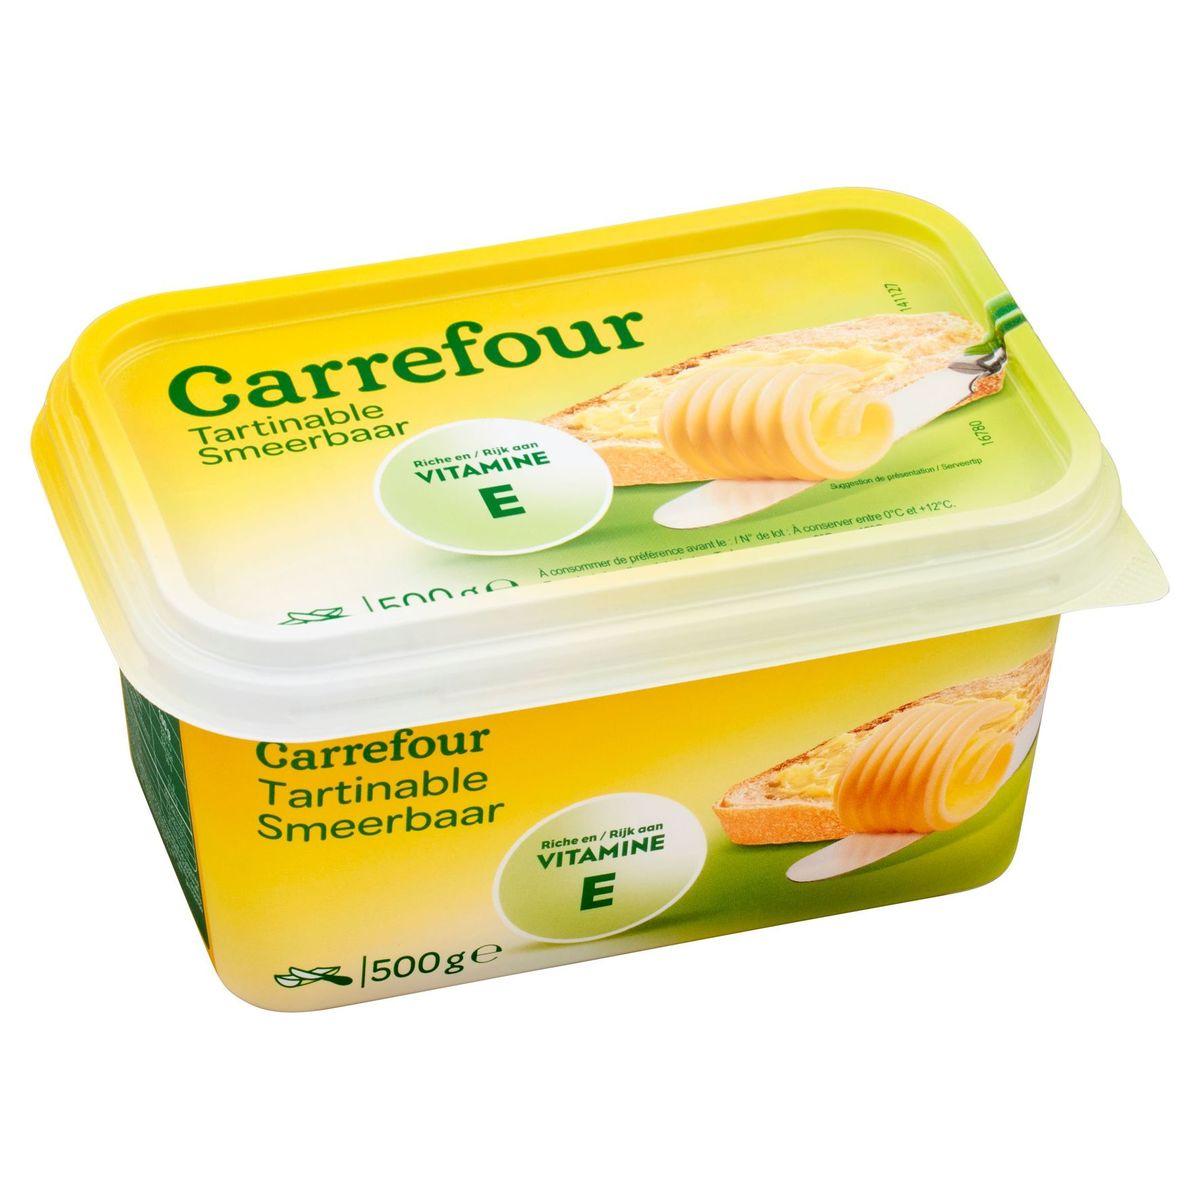 Carrefour Smeerbaar 500 g